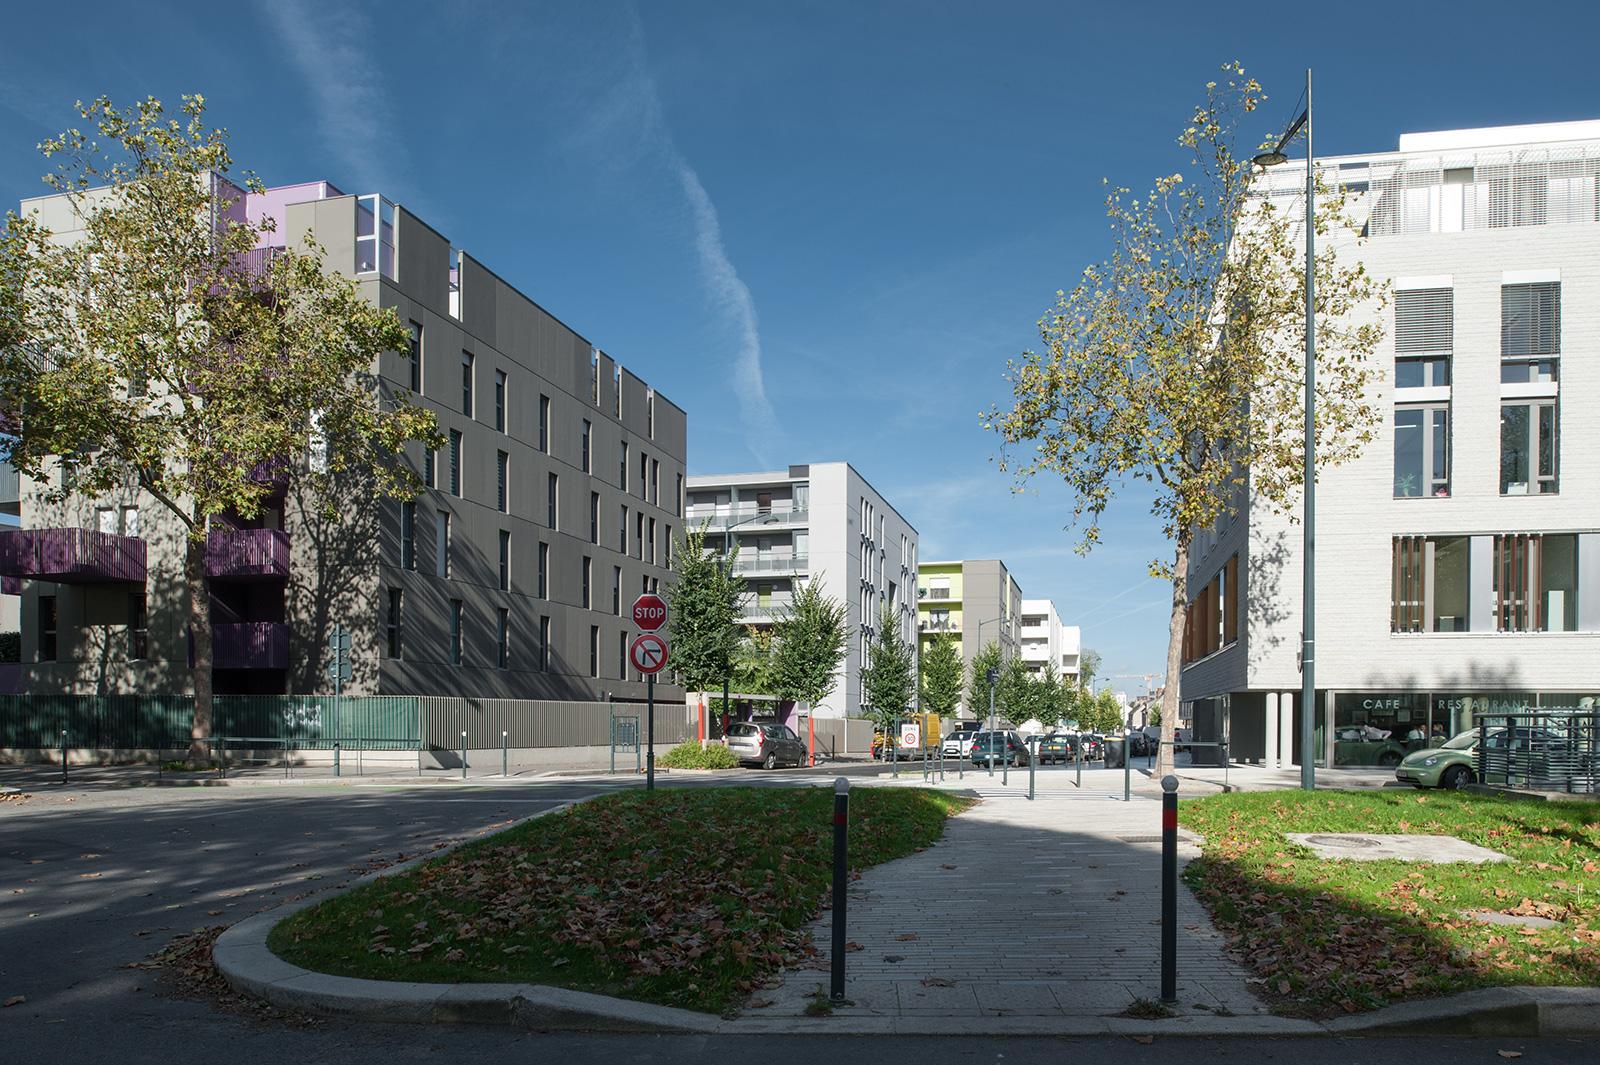 La rue nouvelle depuis le sud - architectes : Gilet (1er plan droite), Gaudin  (1er plan gauche)